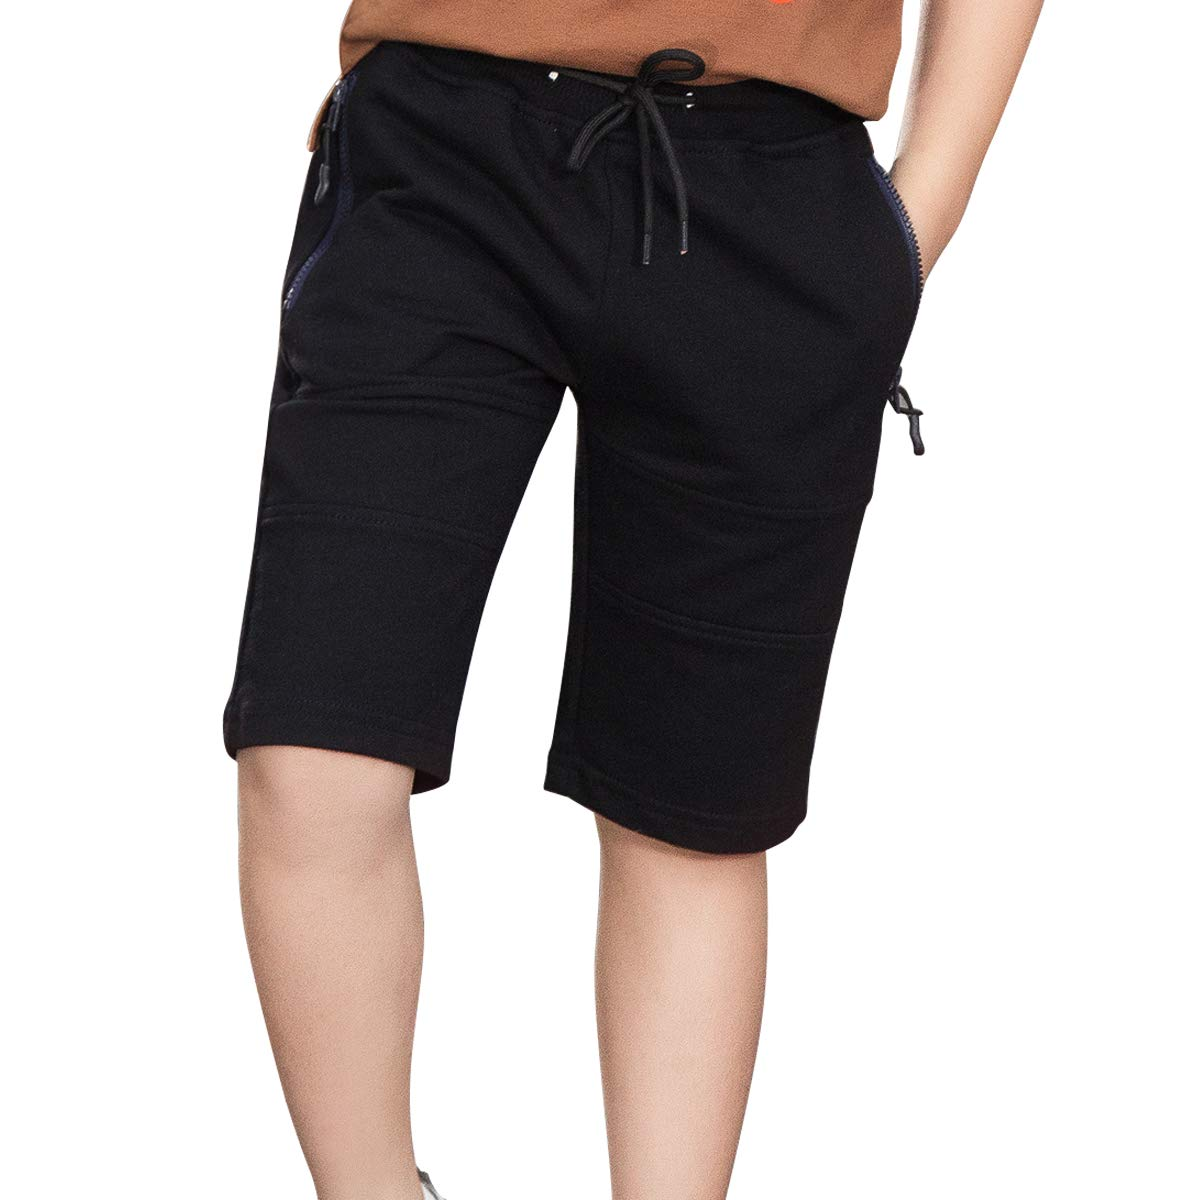 LAPLBEKE Bambino Pantaloncini Bambini Vita Elastica Sport Pantaloni della Tuta Corti Lunghezza Ginocchio Cotone Abbigliamento Estivo Ragazzo